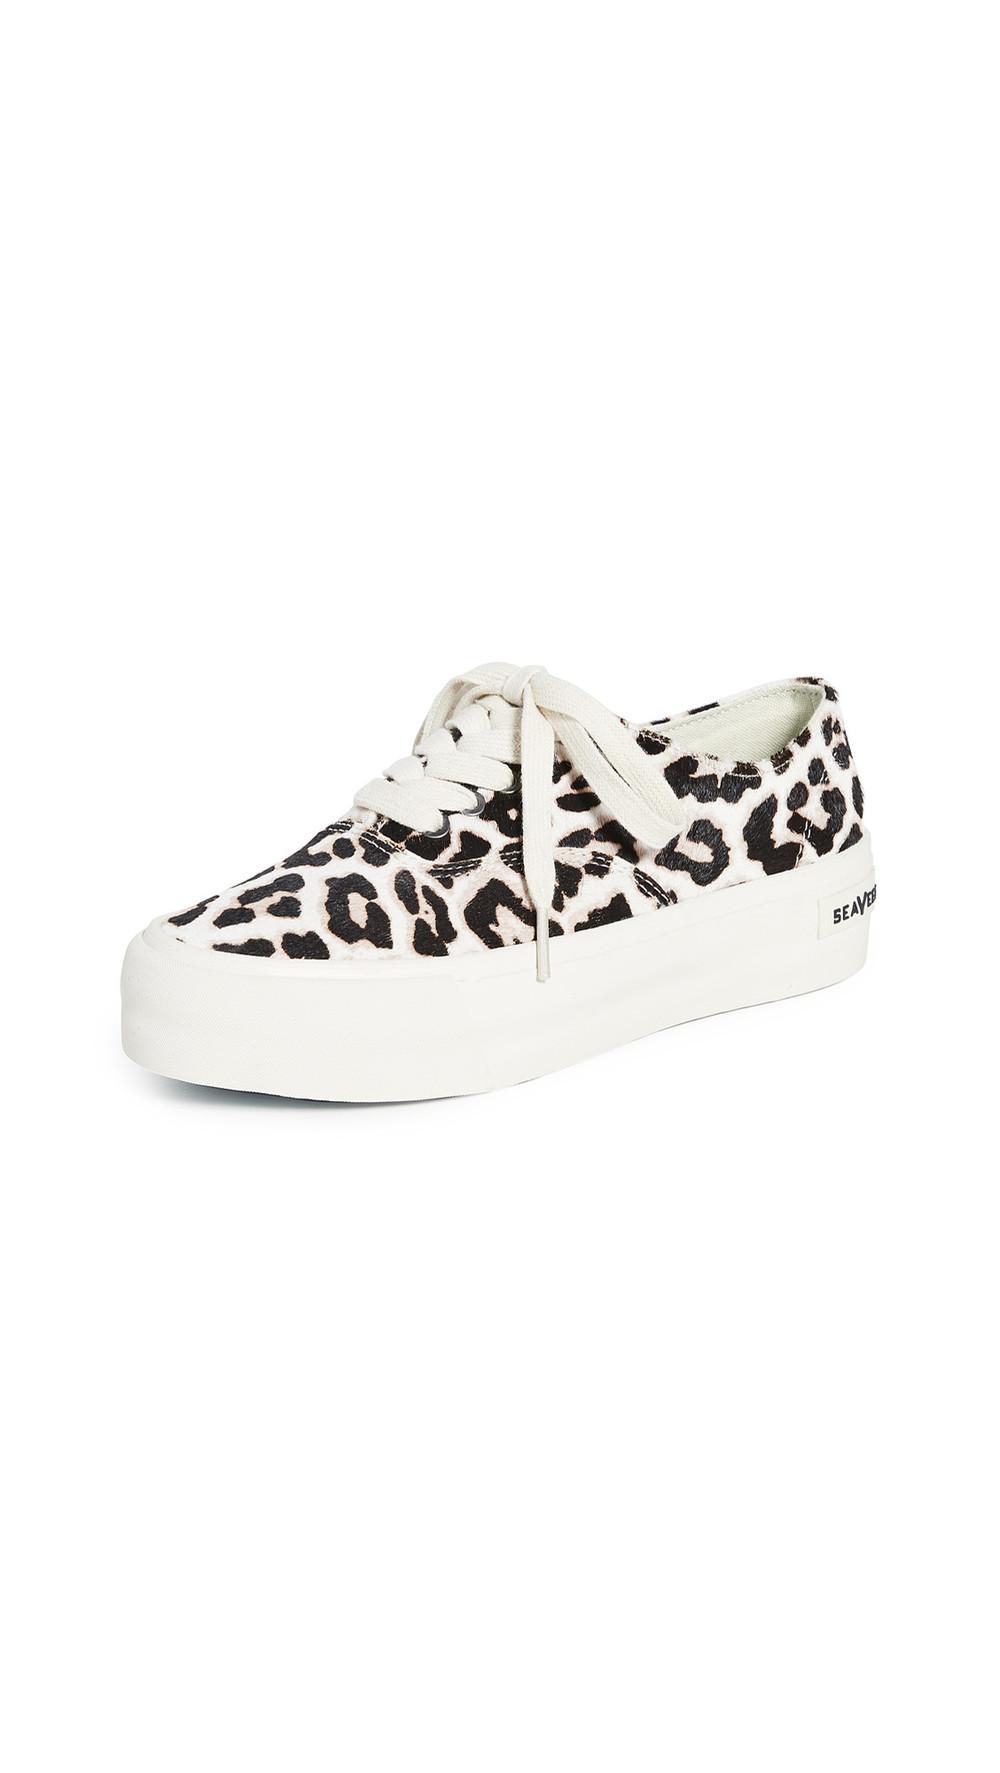 SeaVees Legend Platform Mulholland Sneakers in leopard